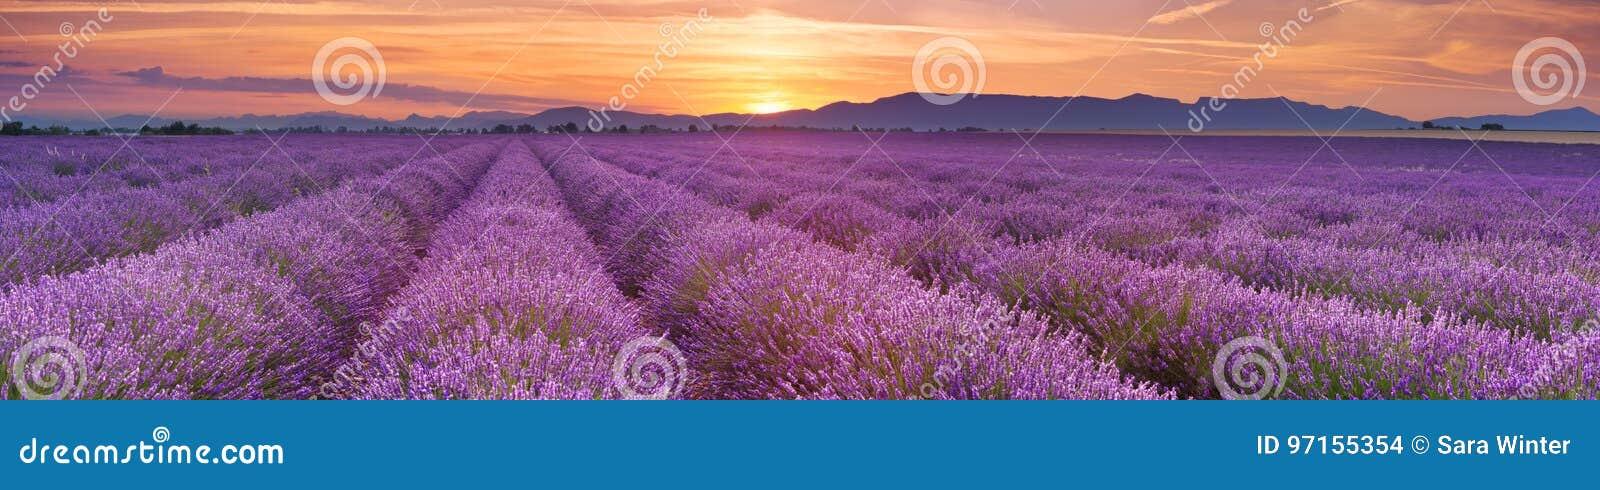 Soluppgång över fält av lavendel i Provence, Frankrike